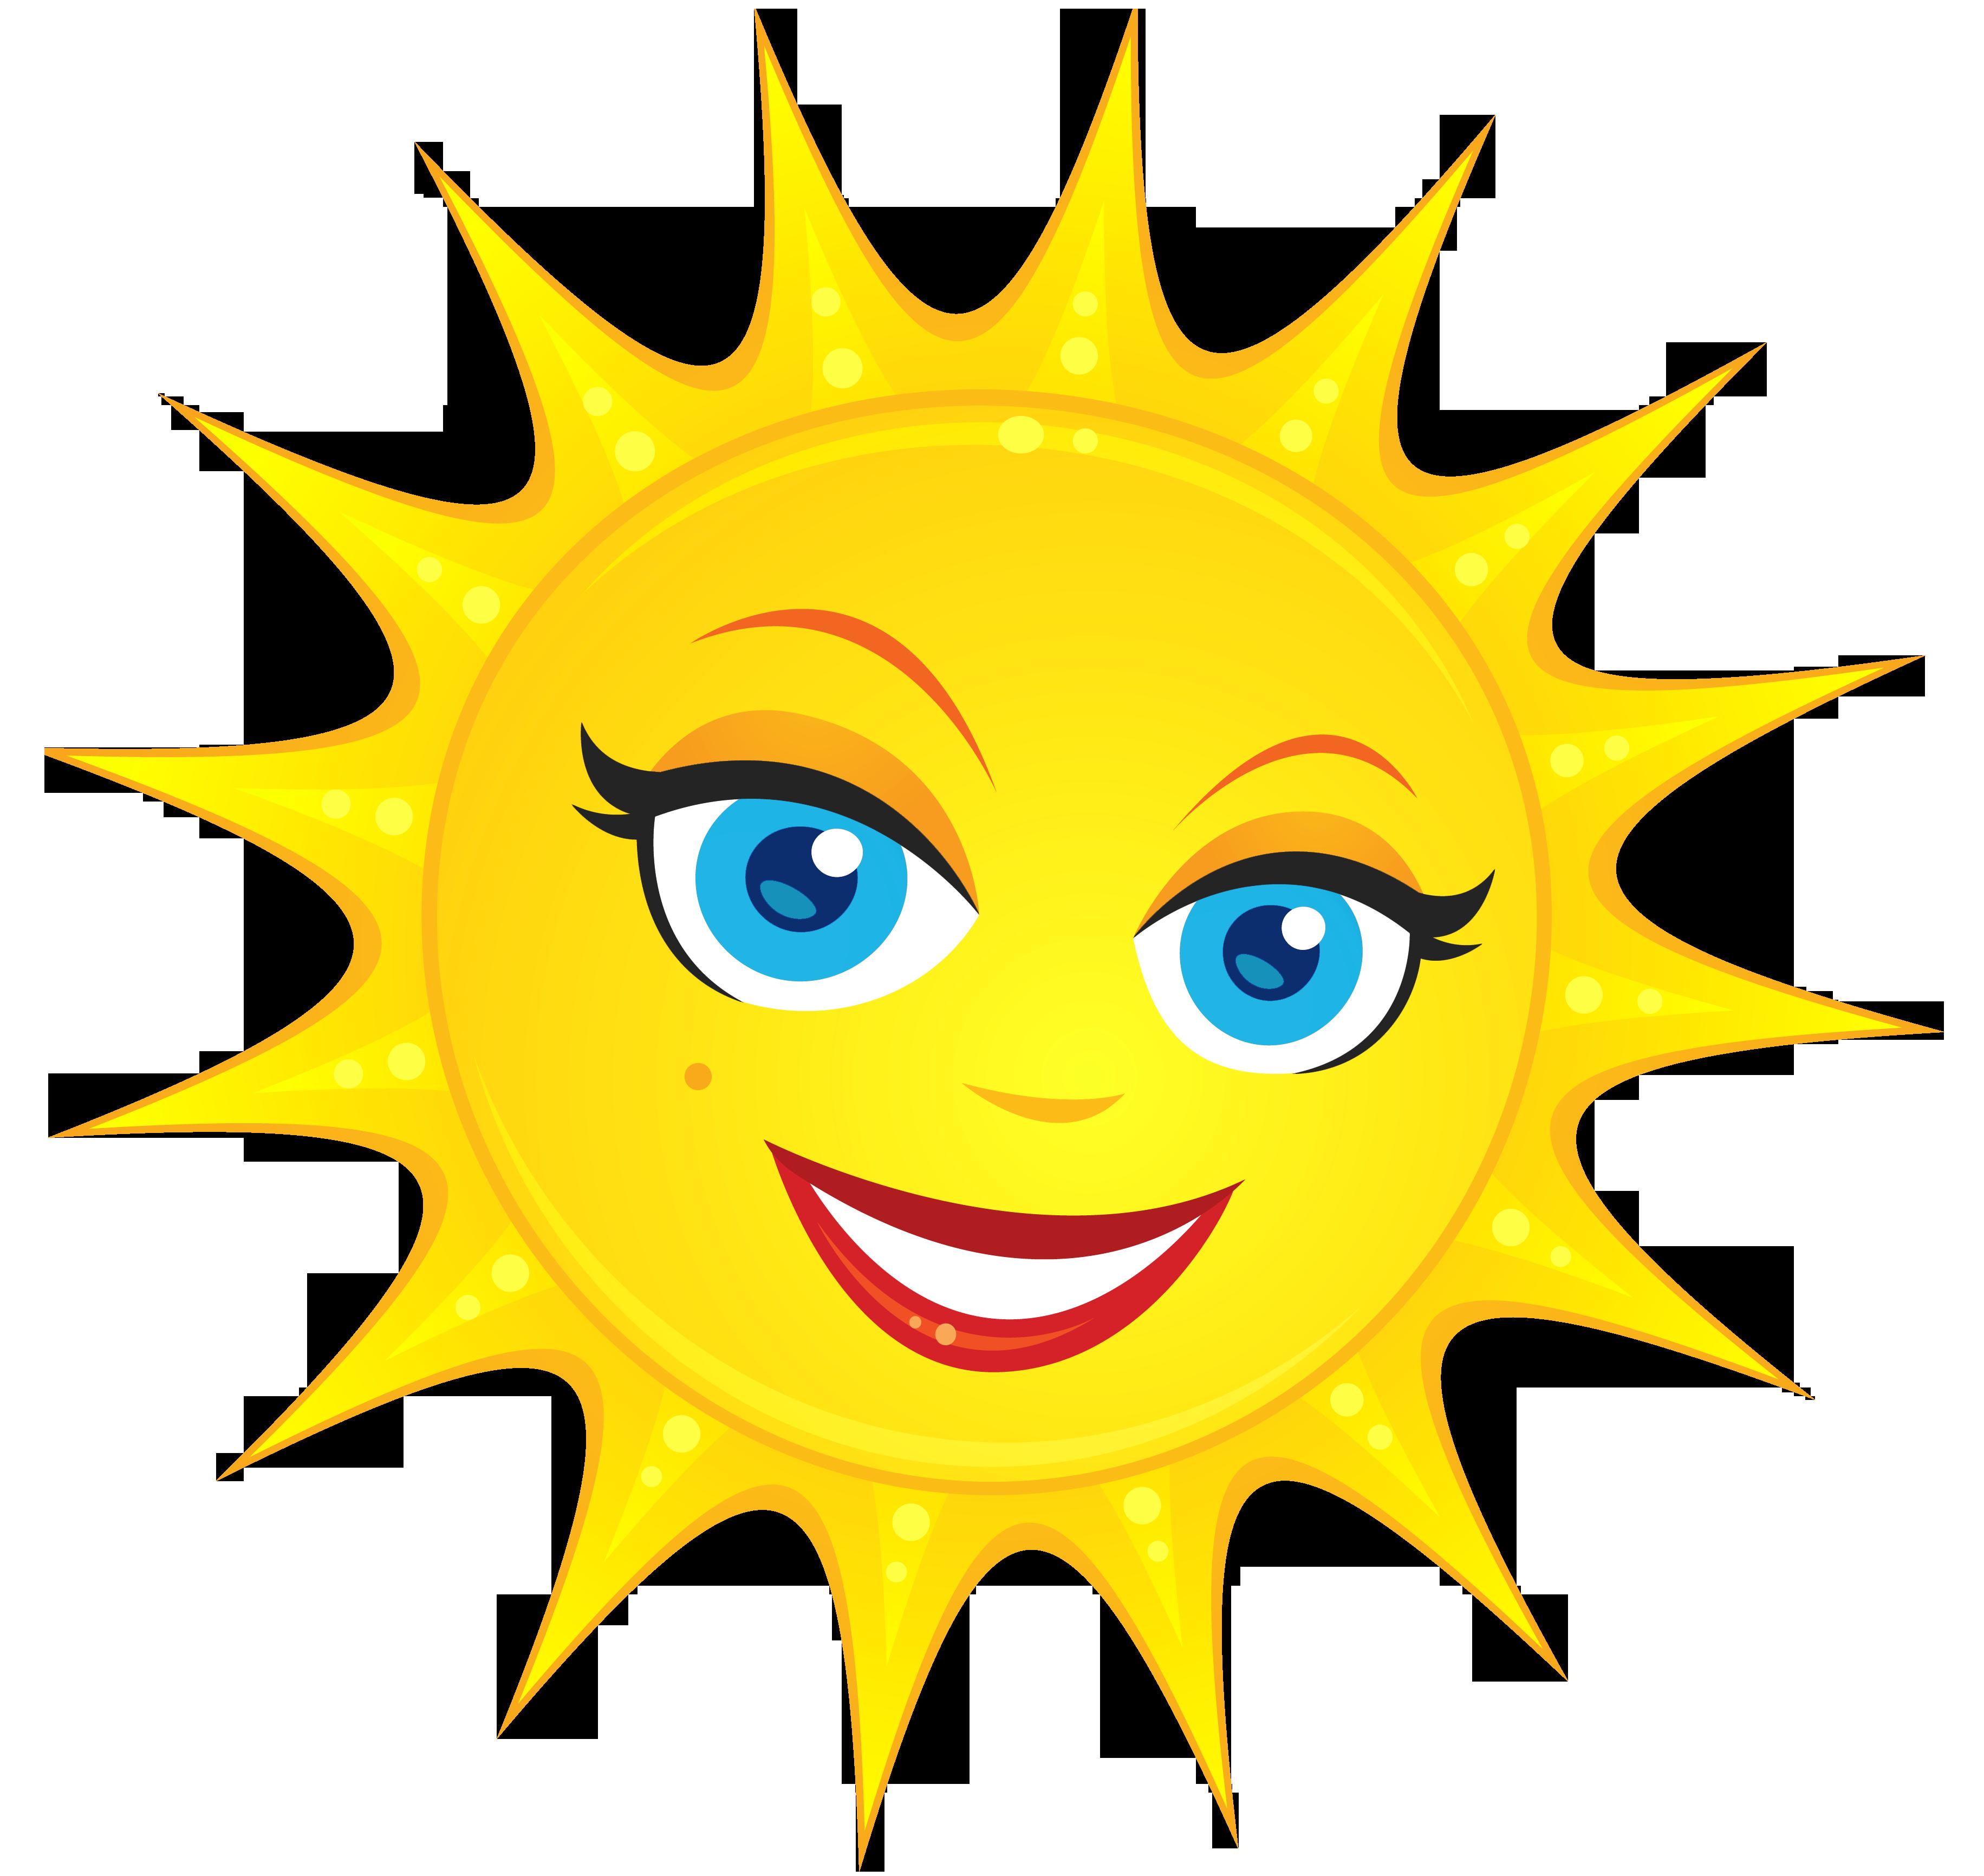 E clipart cute. Transparent sun png picture